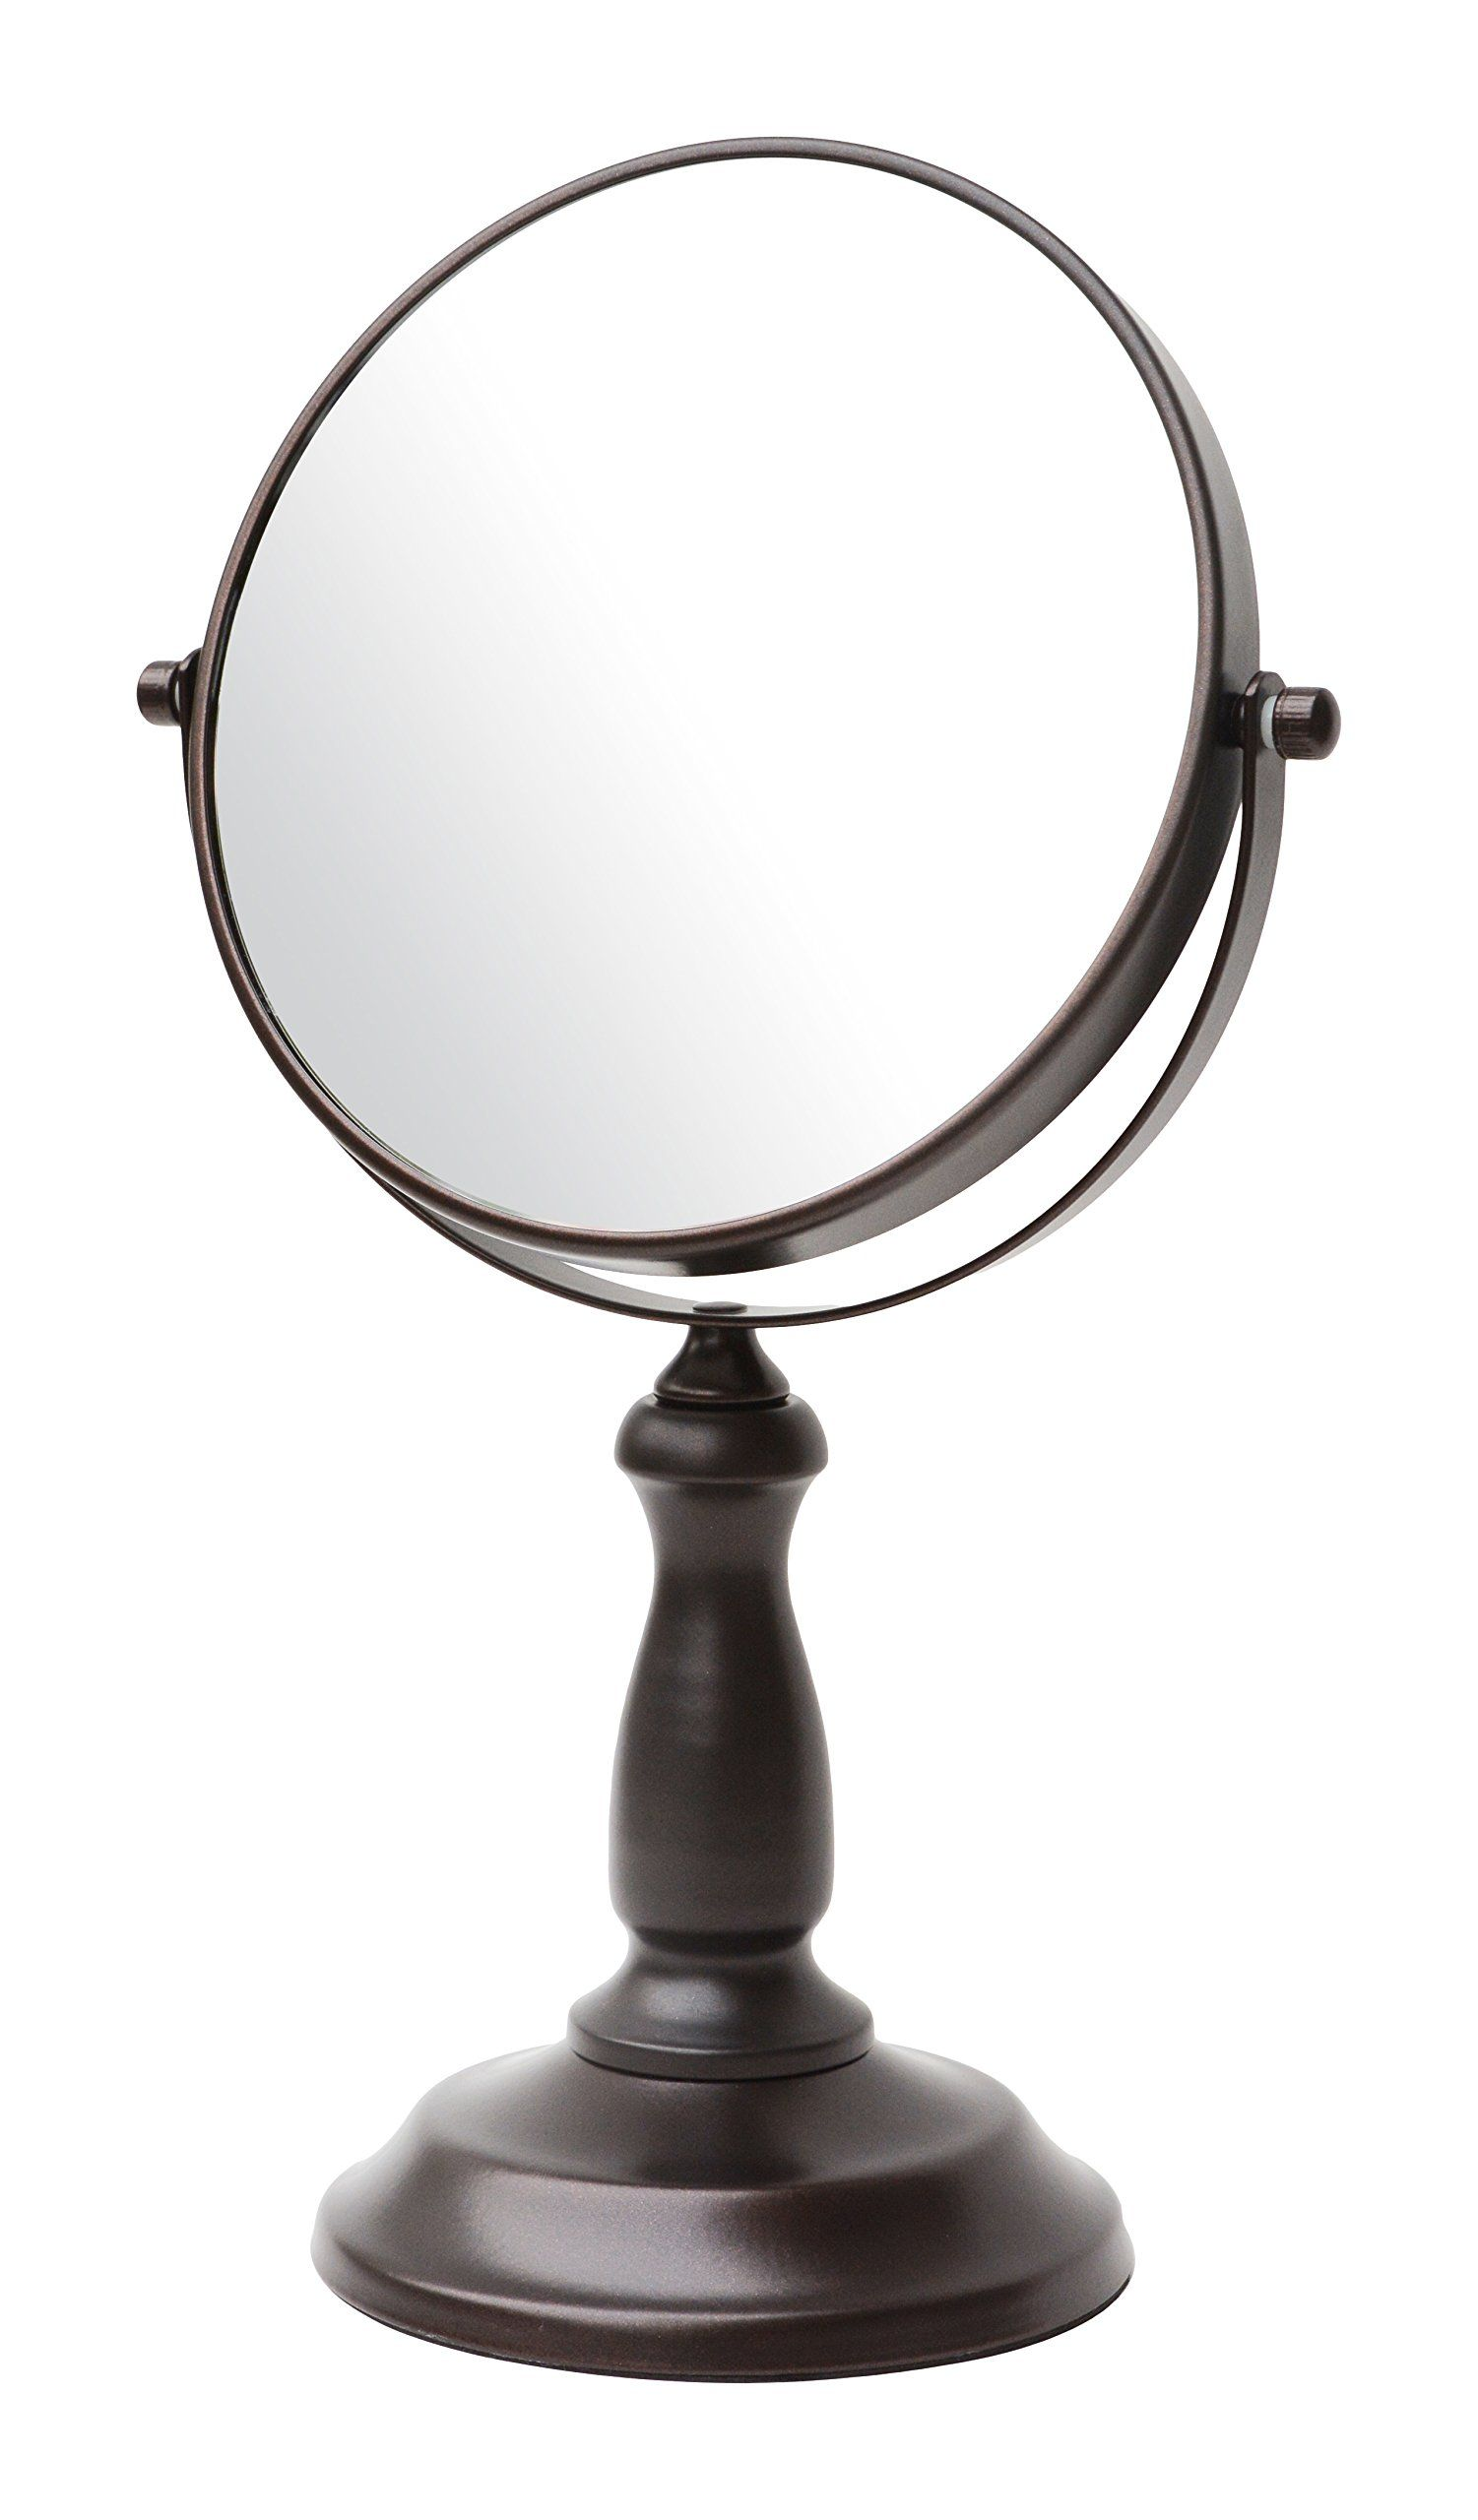 BathSense VAN1290ORB Pedestal Vanity Circular Tilting Bathroom ...